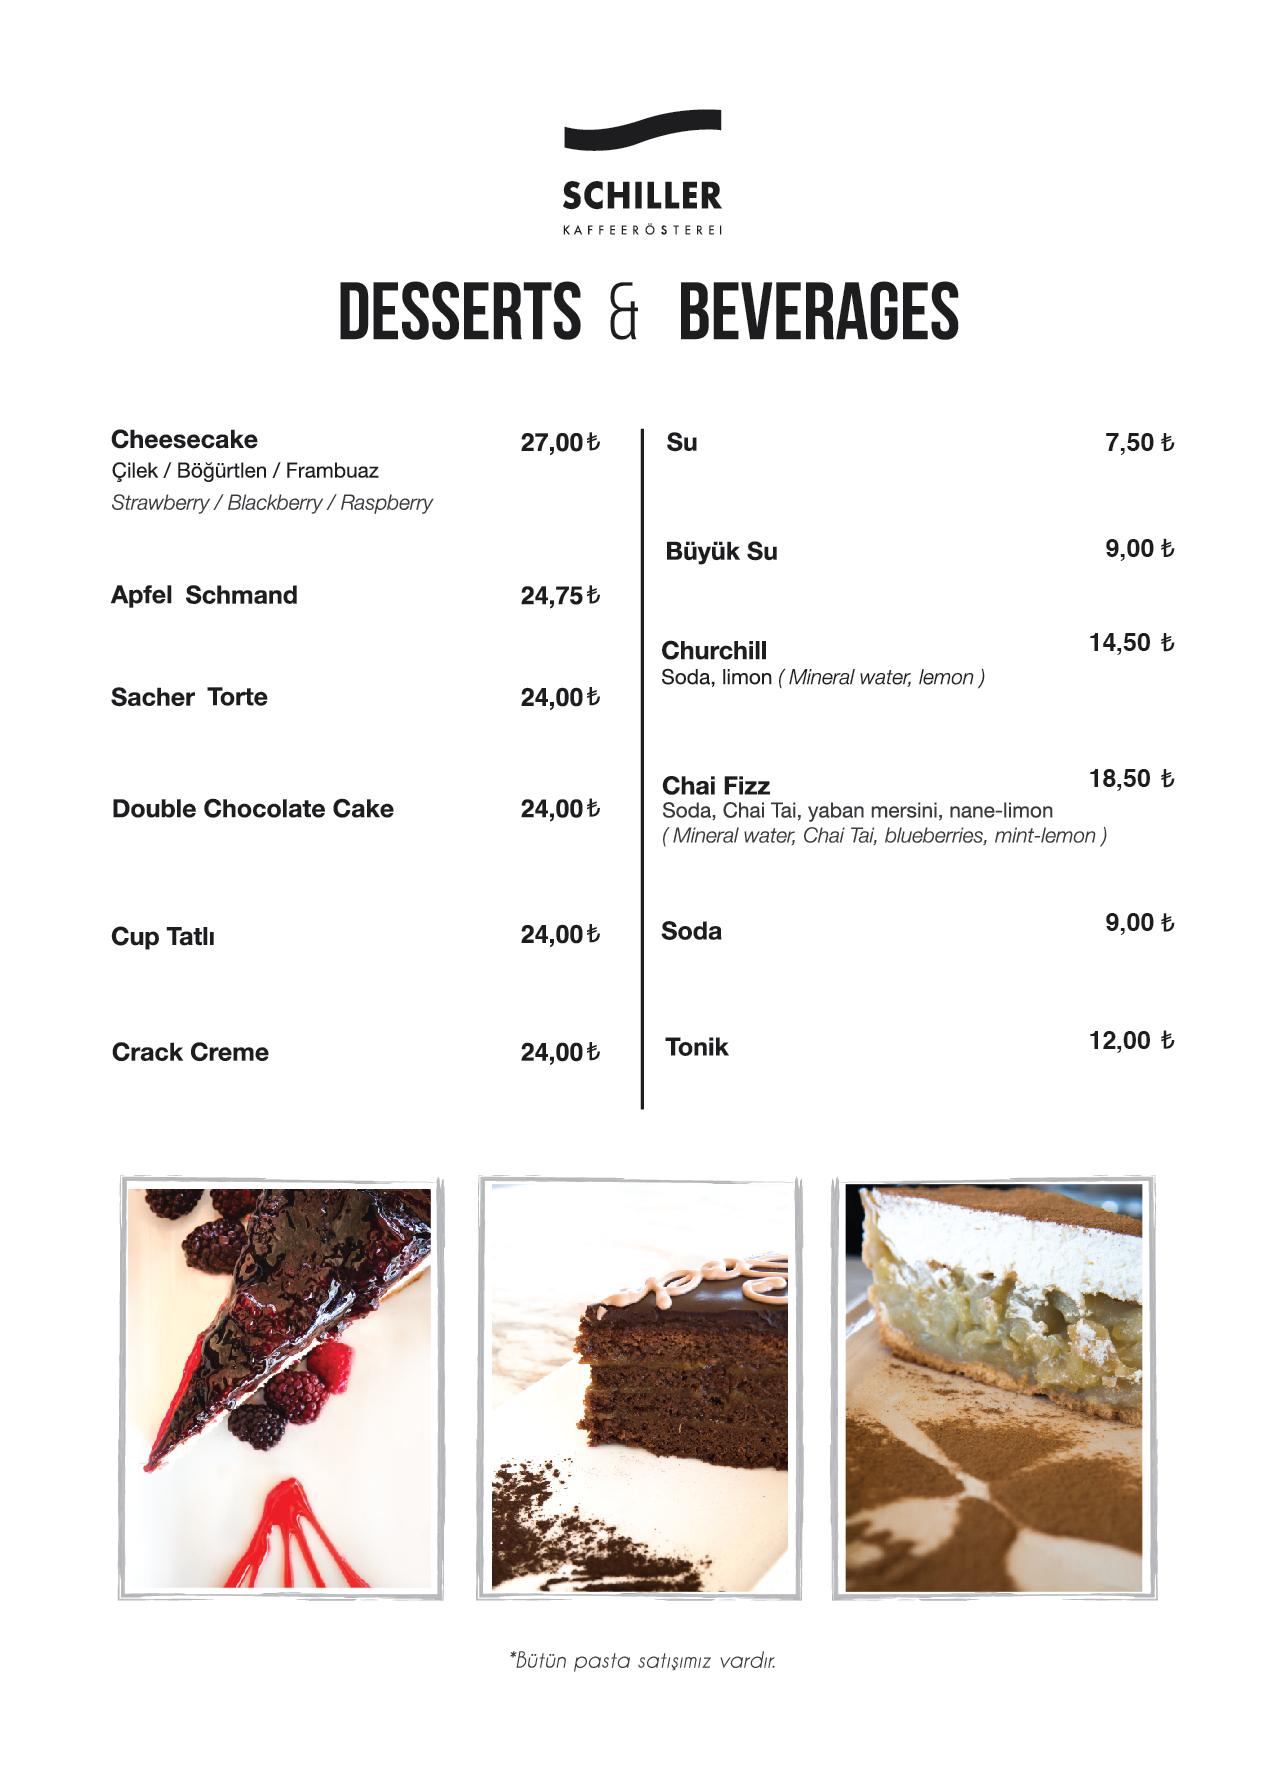 Deserts & Beverages